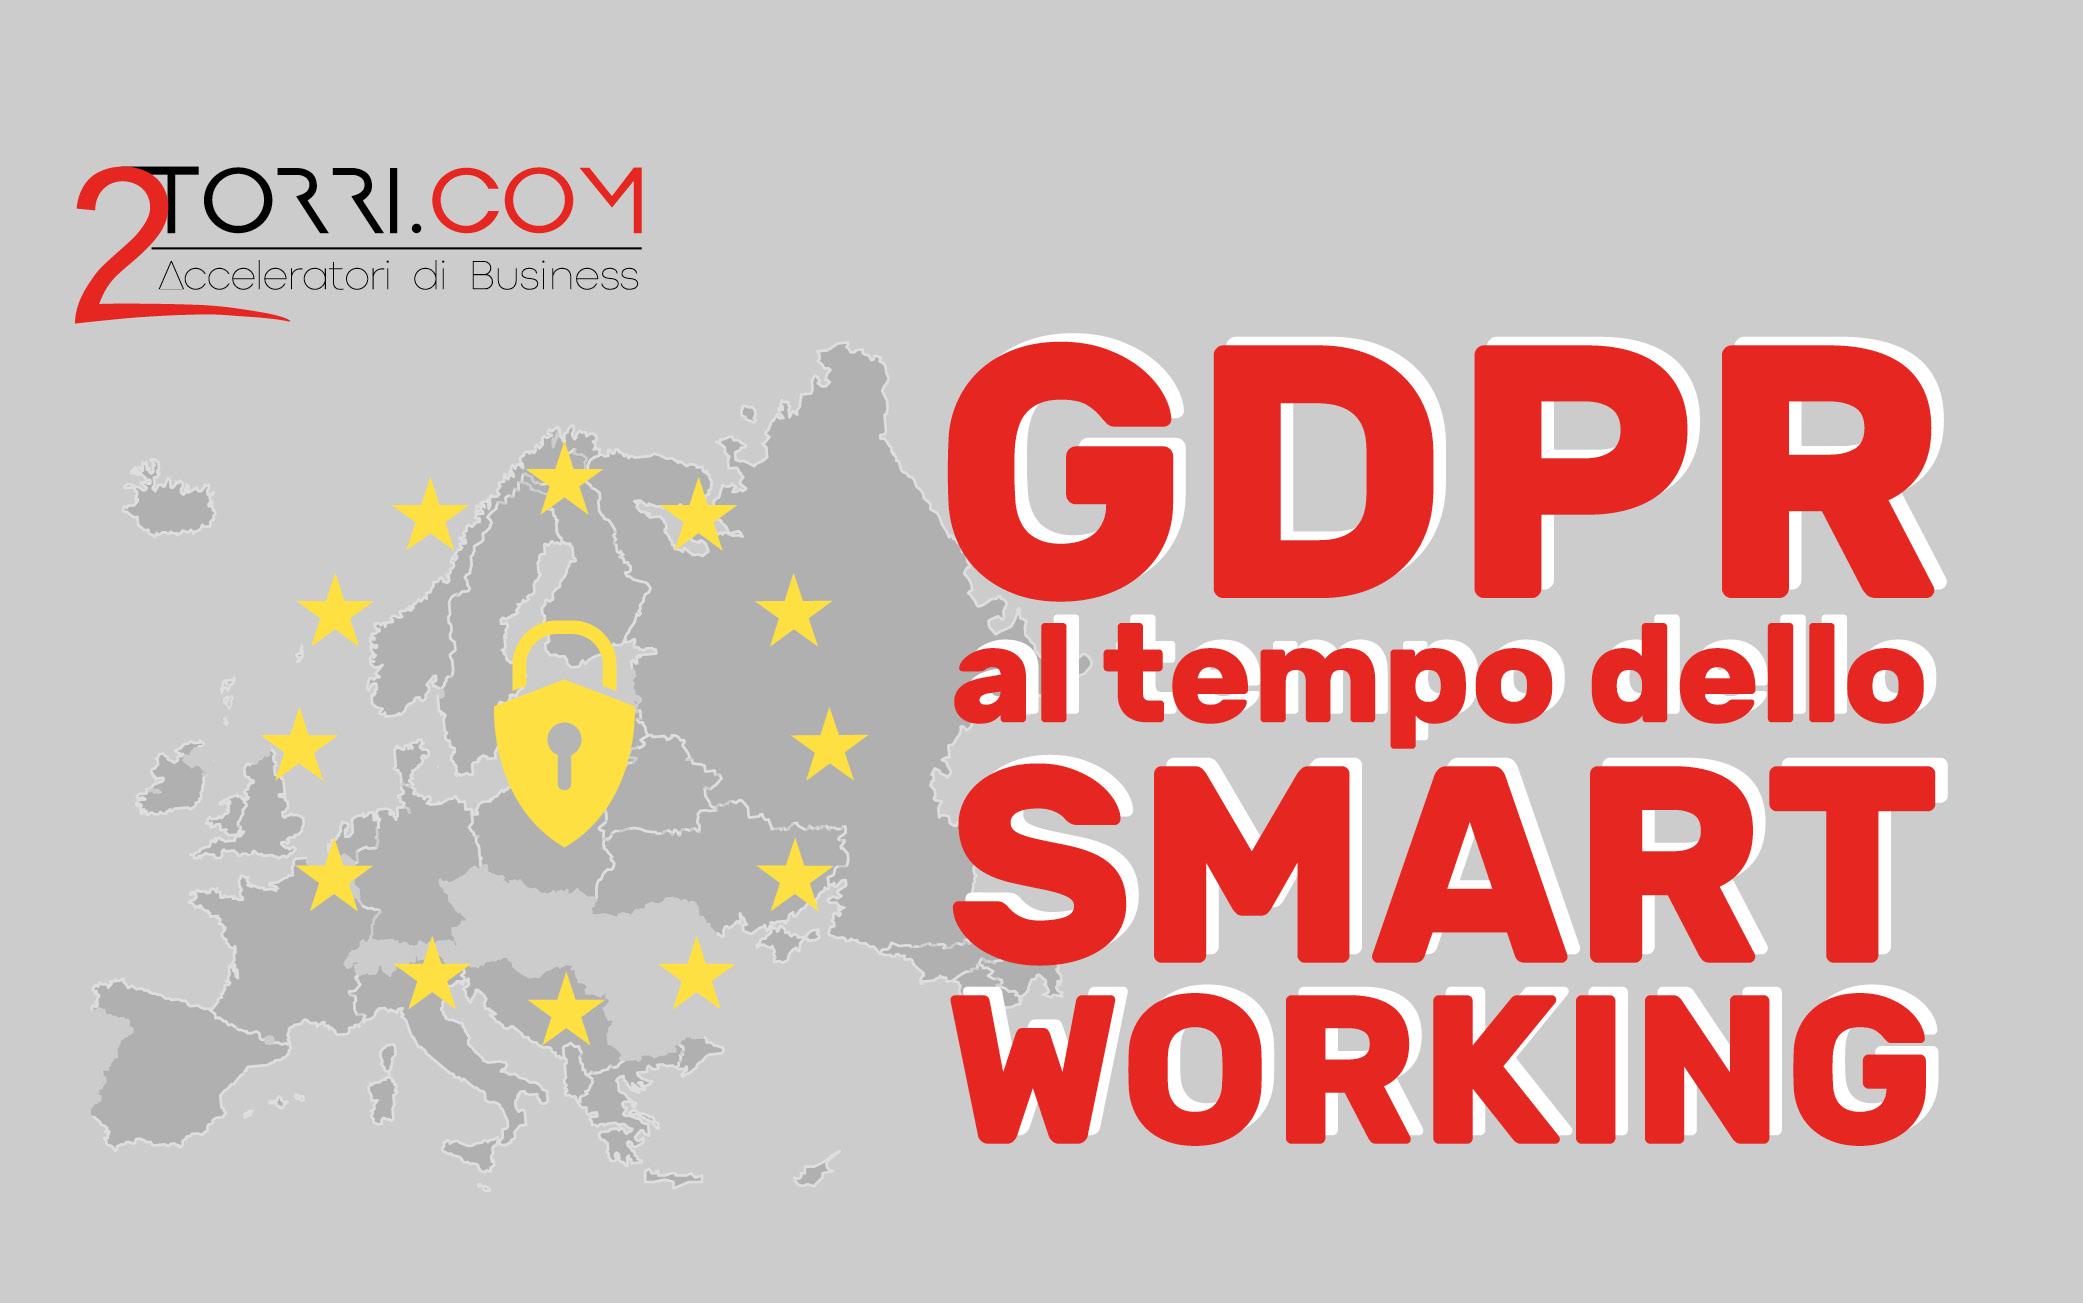 GDPR al tempo dello Smartworking